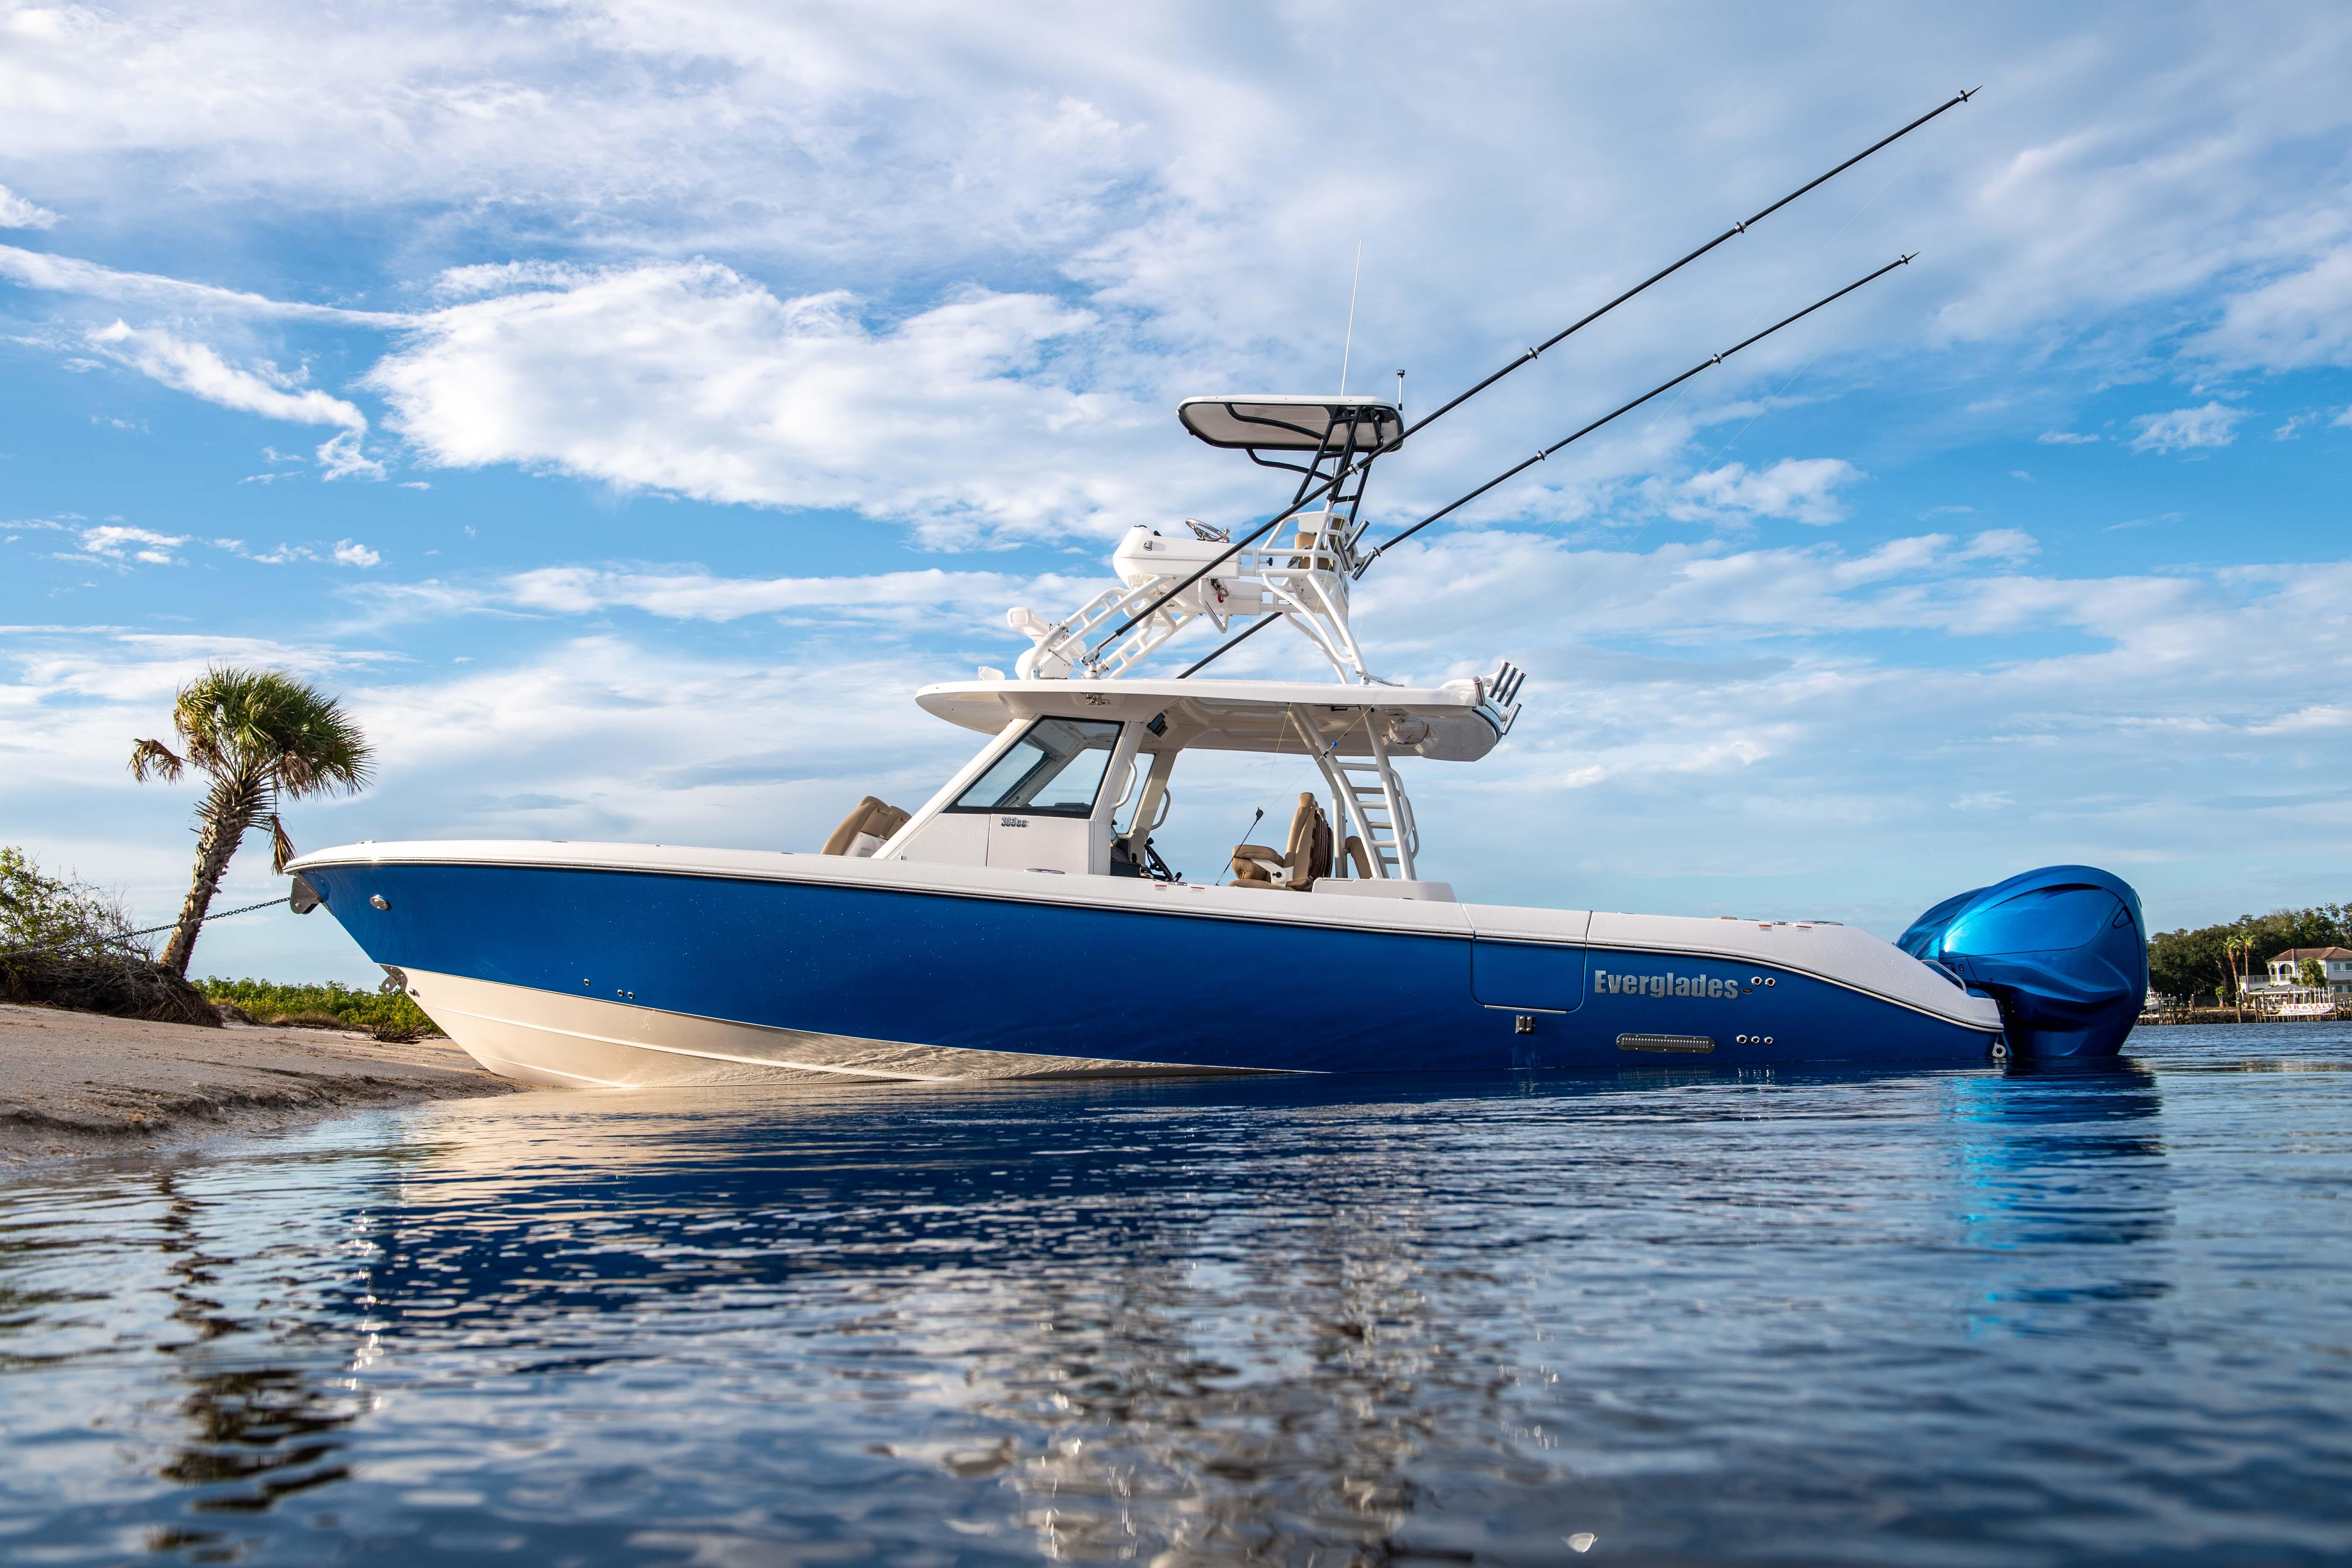 Image shows new Everglades 395cc